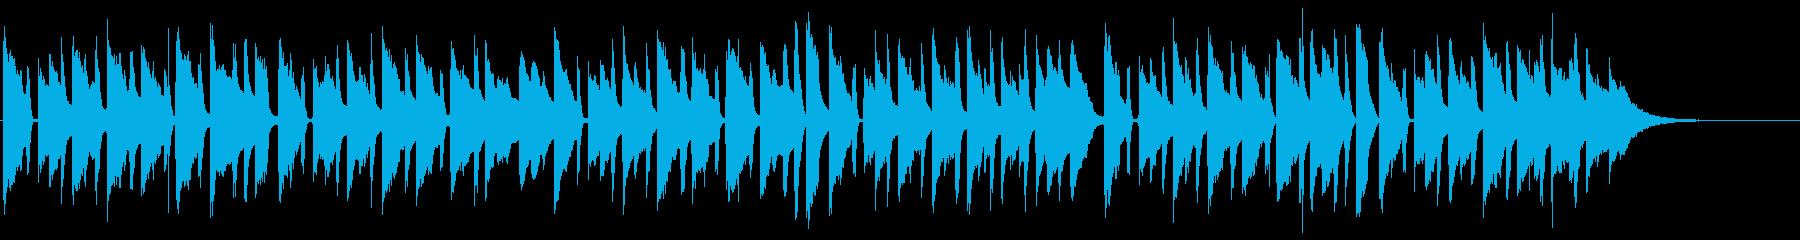 胸がきゅっと苦しくなる生ギターバラードxの再生済みの波形